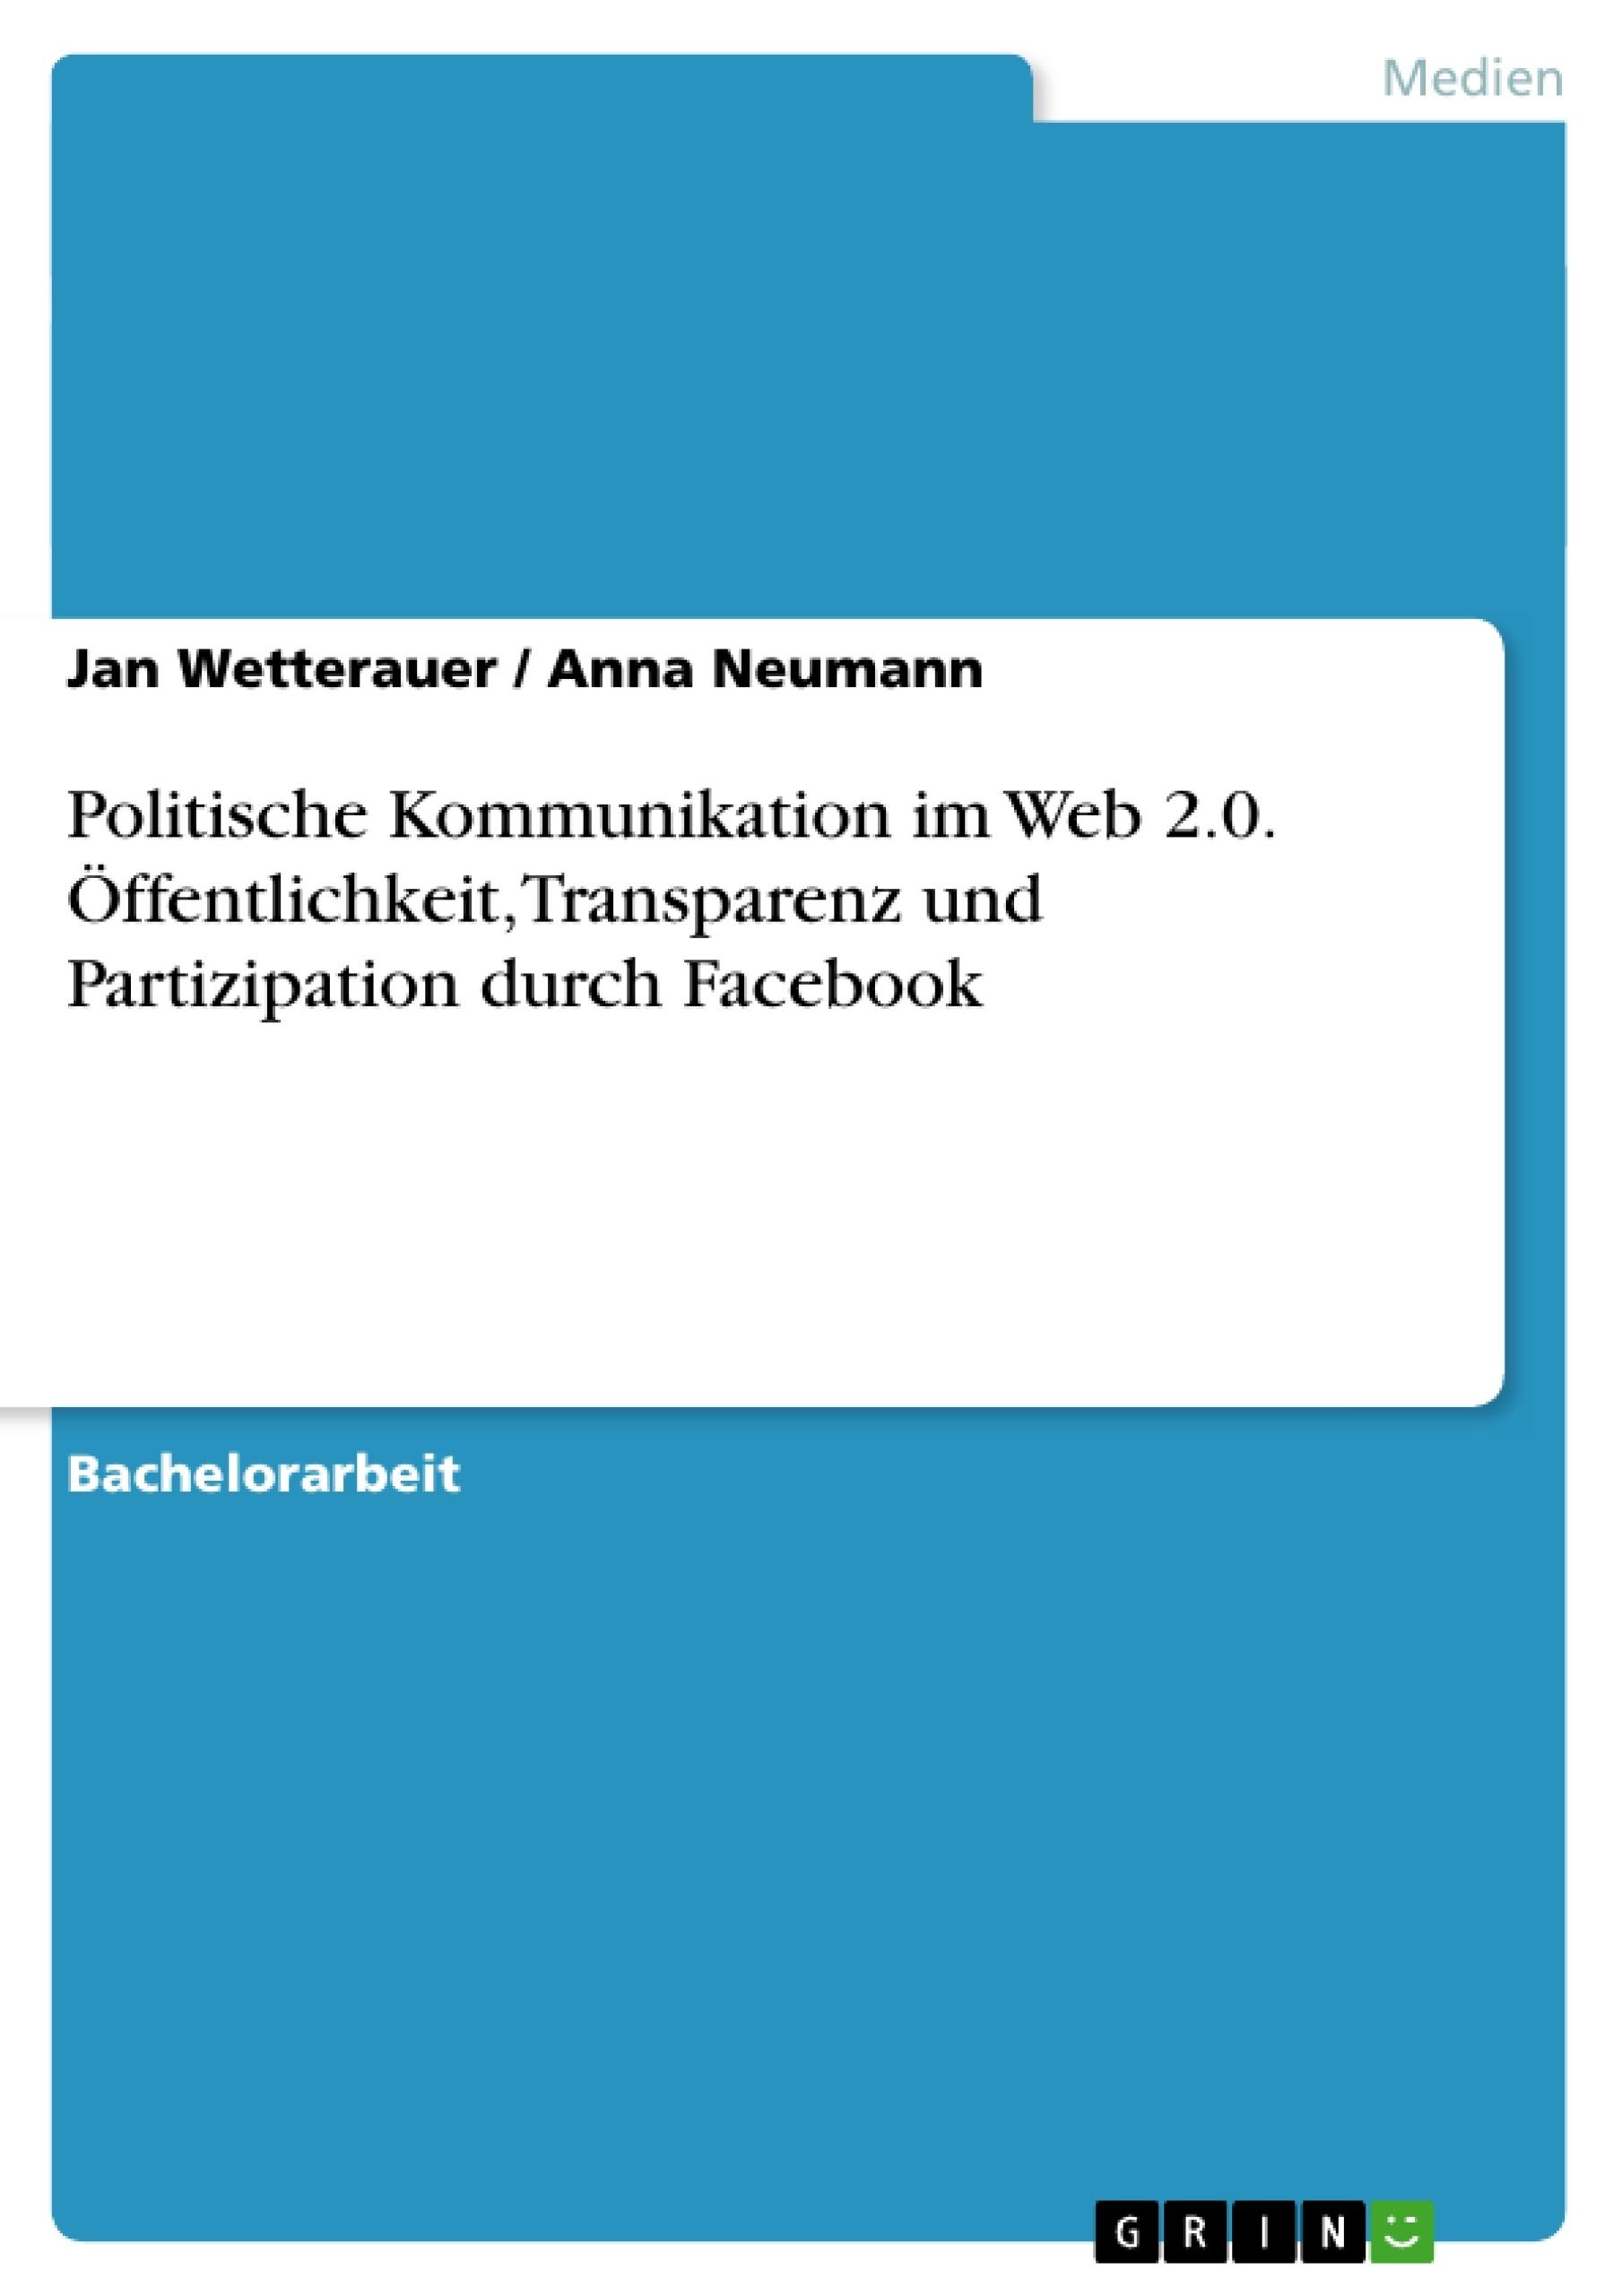 Titel: Politische Kommunikation im Web 2.0. Öffentlichkeit, Transparenz und Partizipation durch Facebook